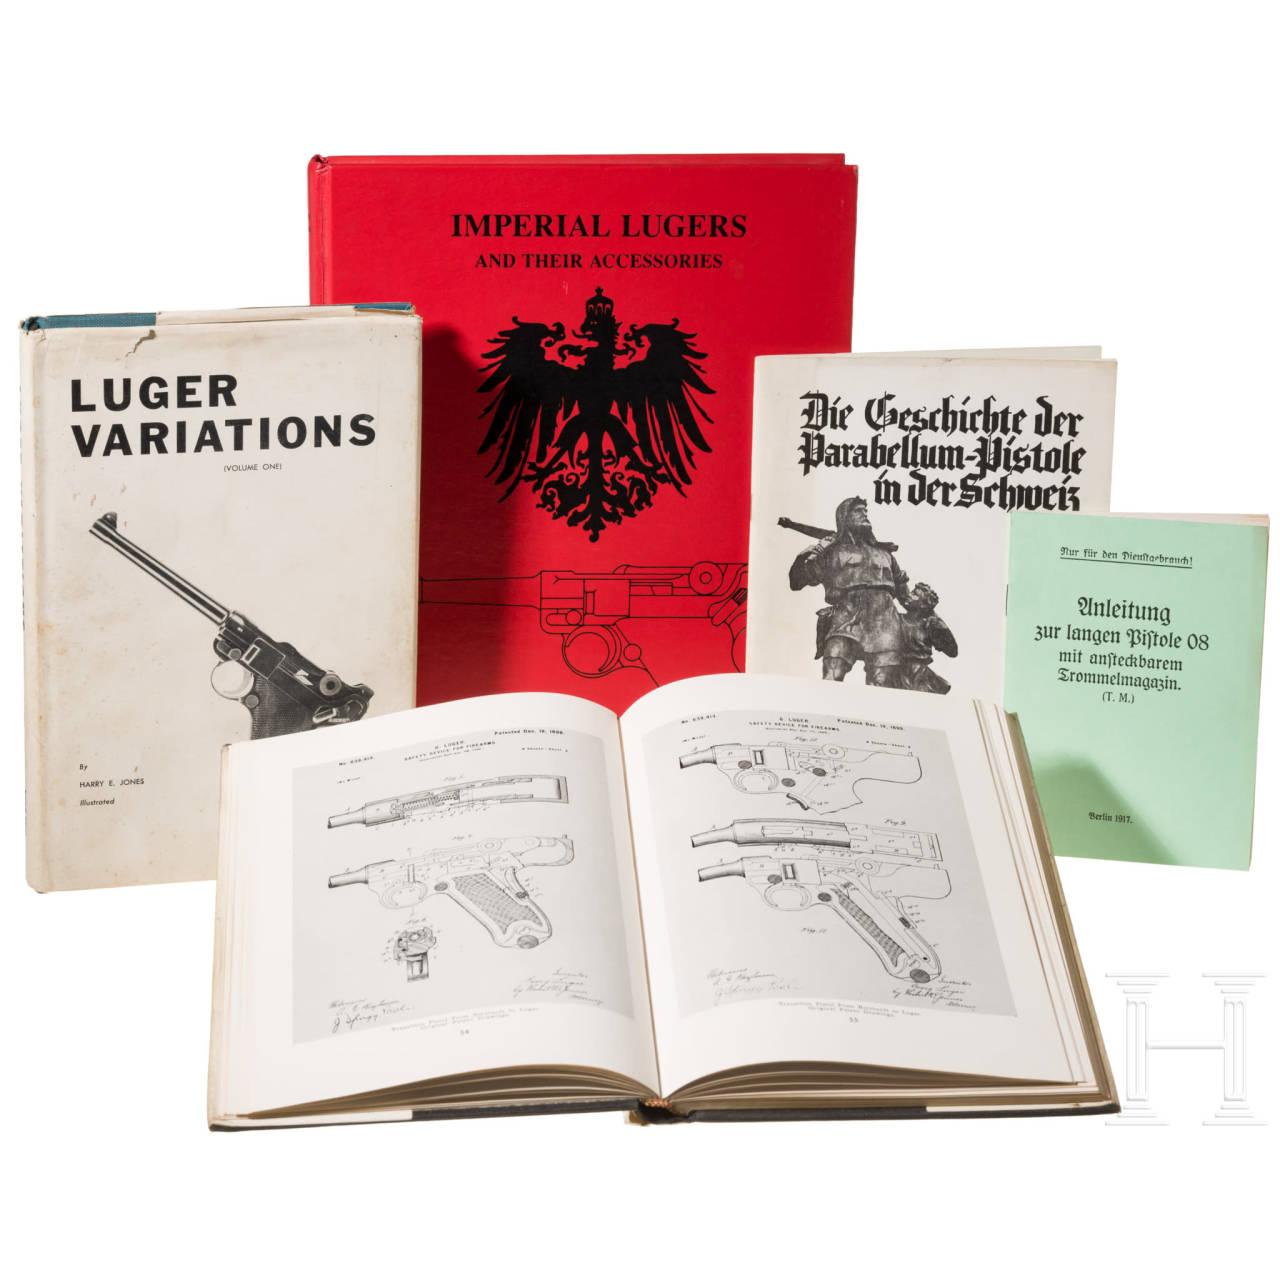 Fünf Parabellum-Bücher